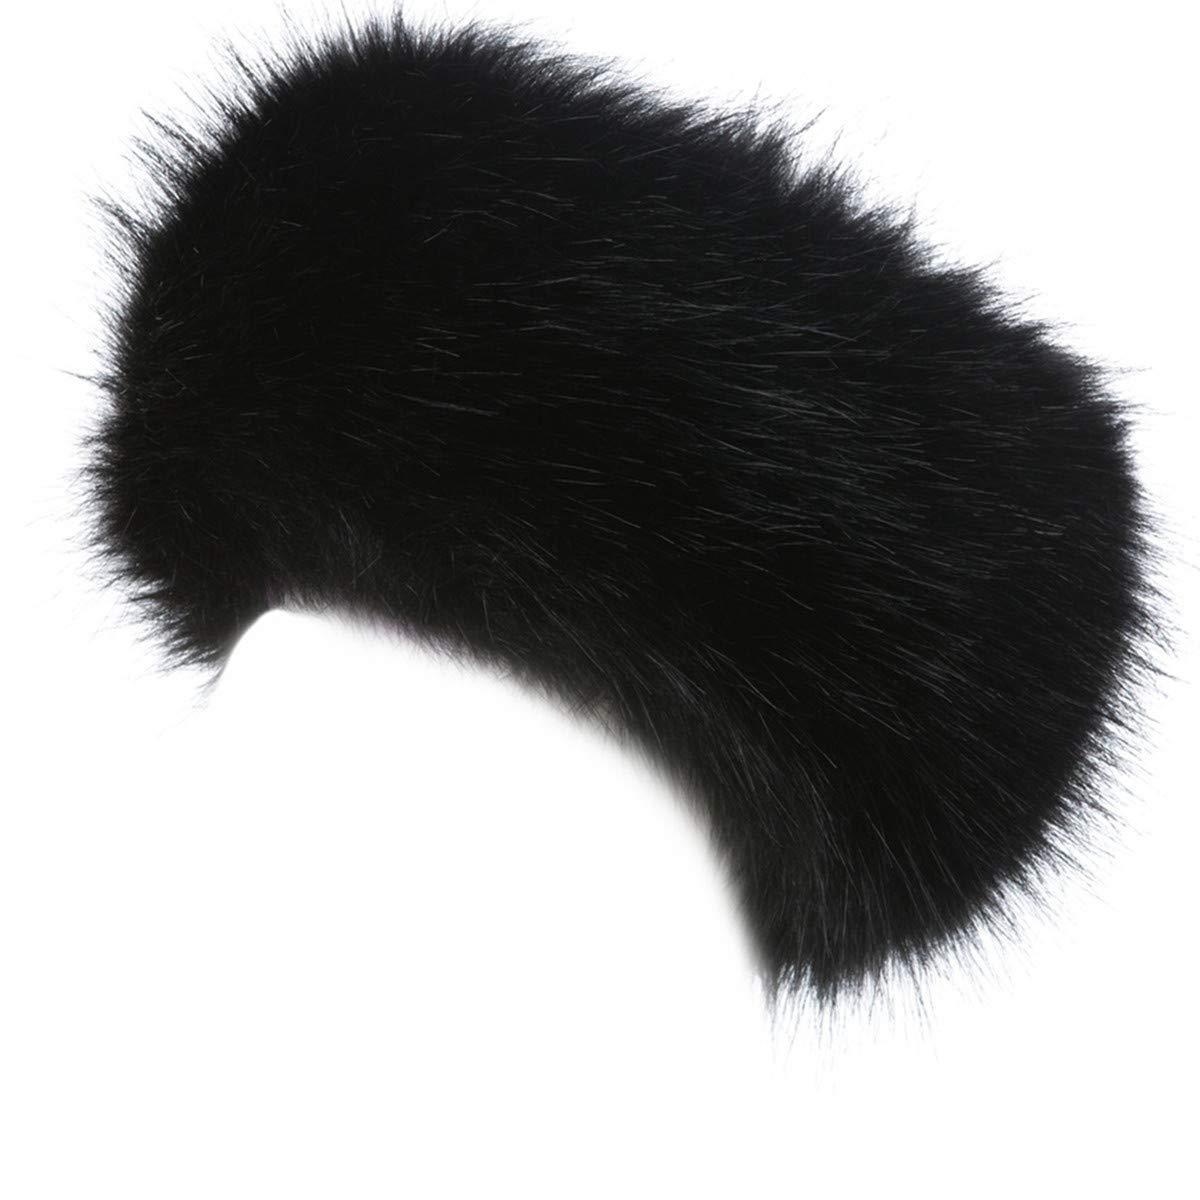 Lucky Leaf Cozy Warm Hair Band Earmuff Cap Faux Fox Fur Headband with Stretch for Women (B1-Black)